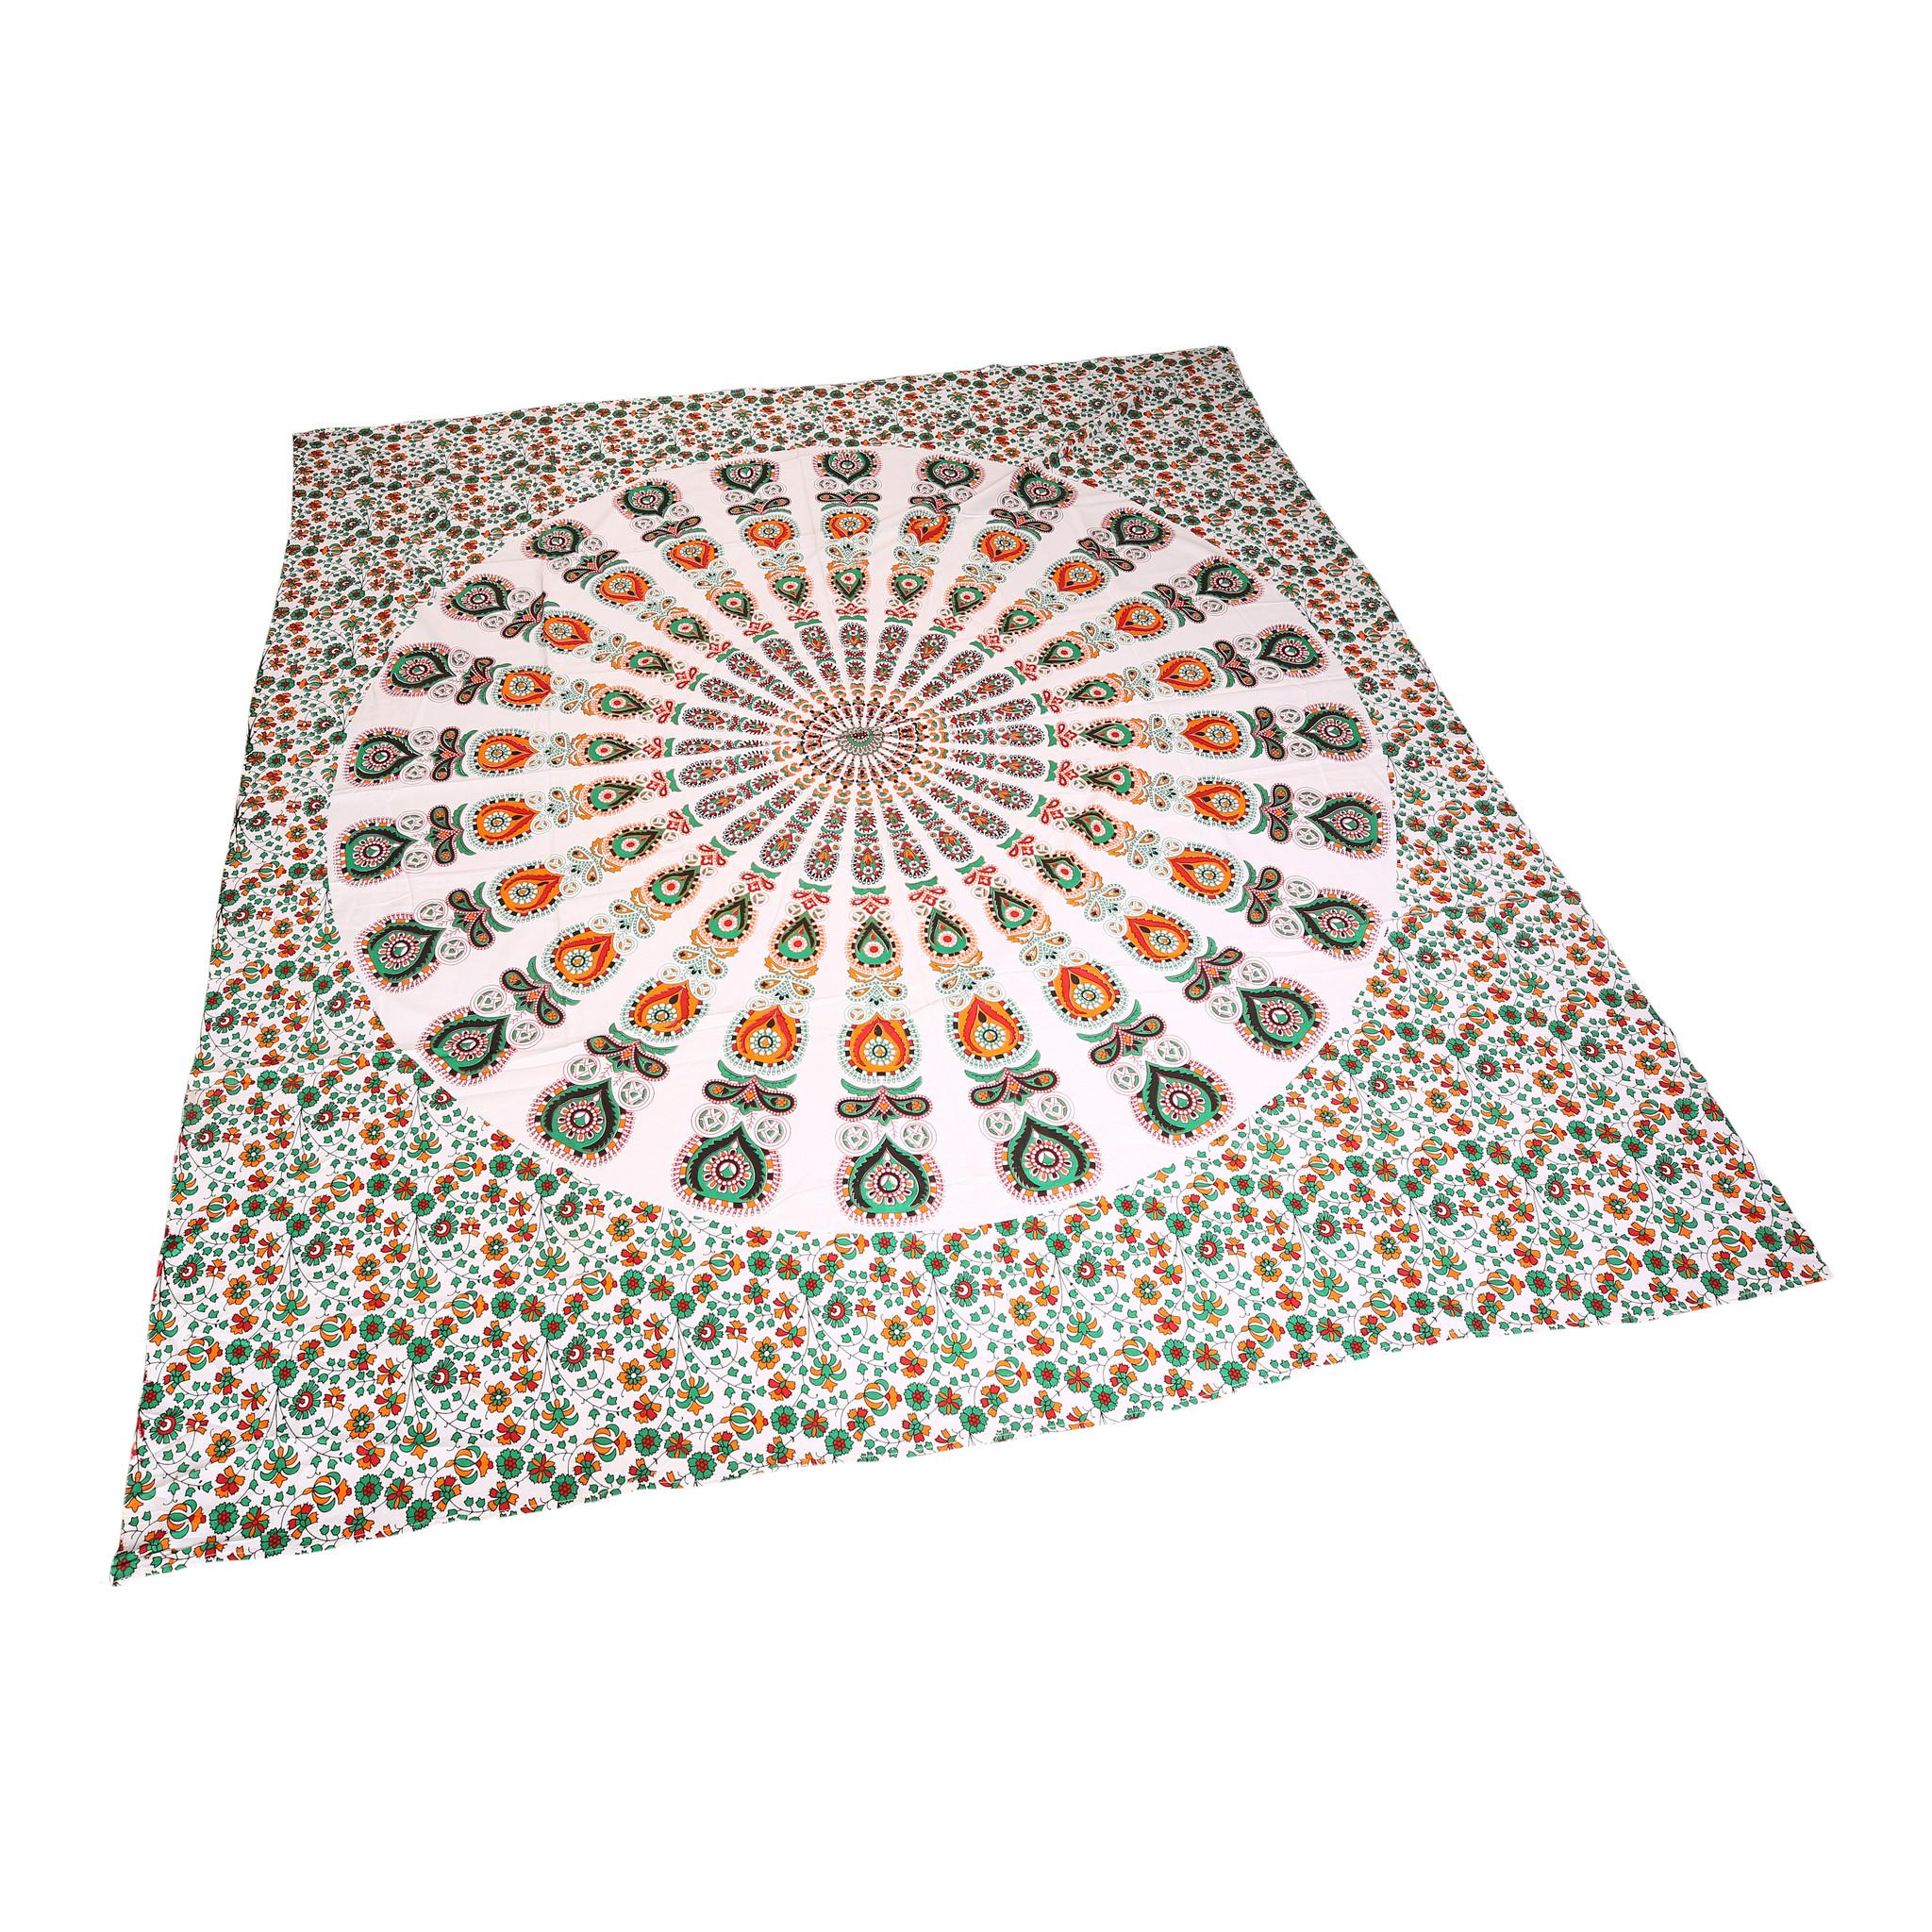 Myroundie Myroundie - roundie - vierkant strandlaken XL – yoga kleed- speelkleed - picknickkleed -100% katoen – Q11